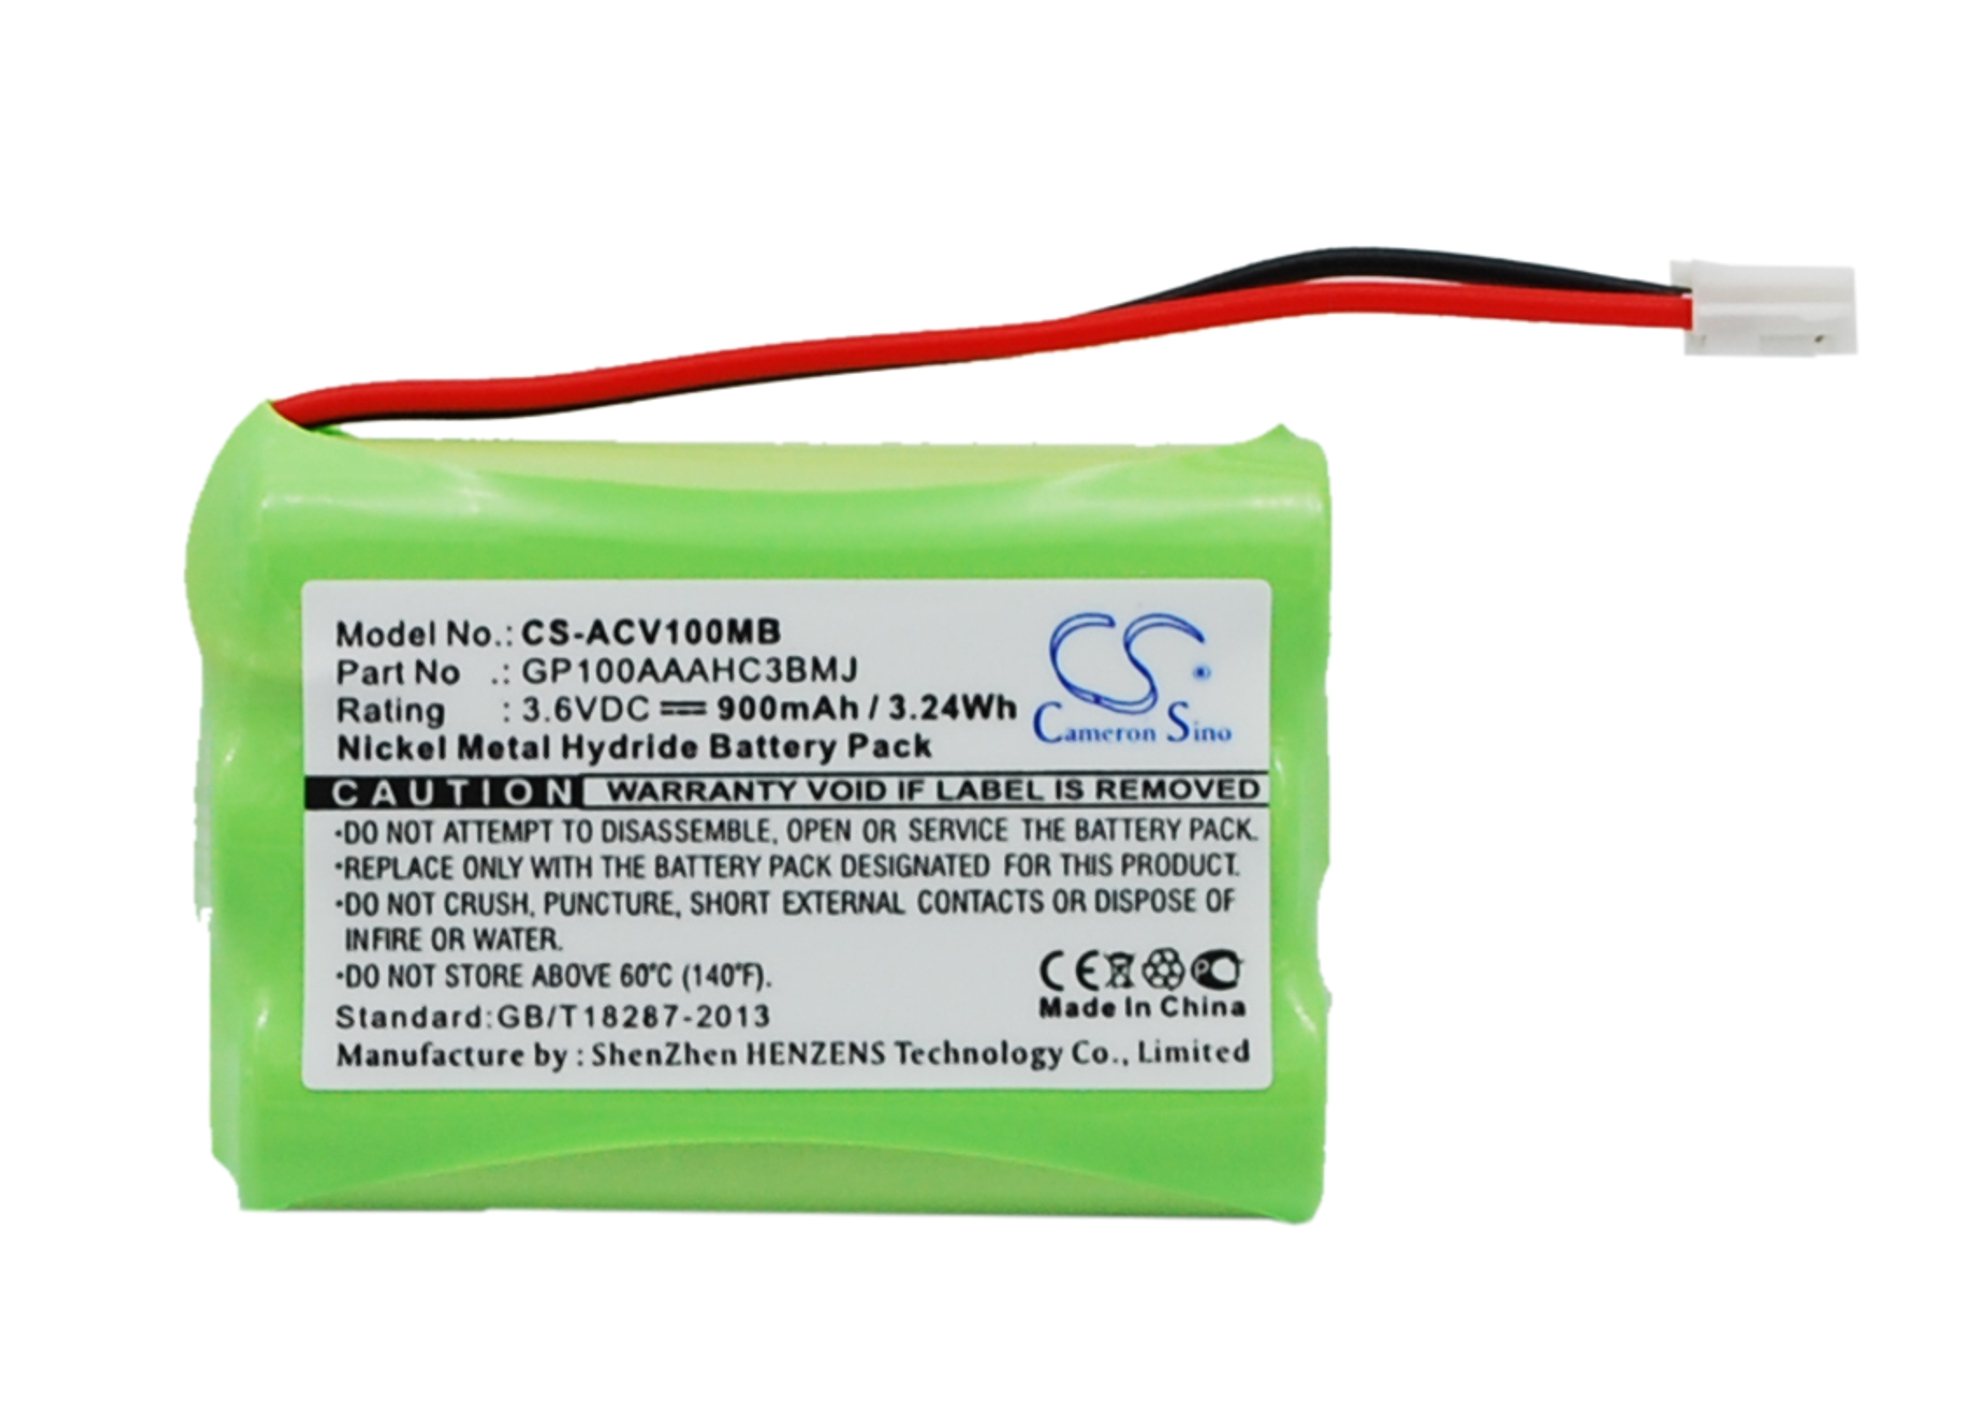 Cameron Sino baterie do dětských chůviček pro AUDIOLINE Baby Care V100 3.6V Ni-MH 900mAh černá - neoriginální